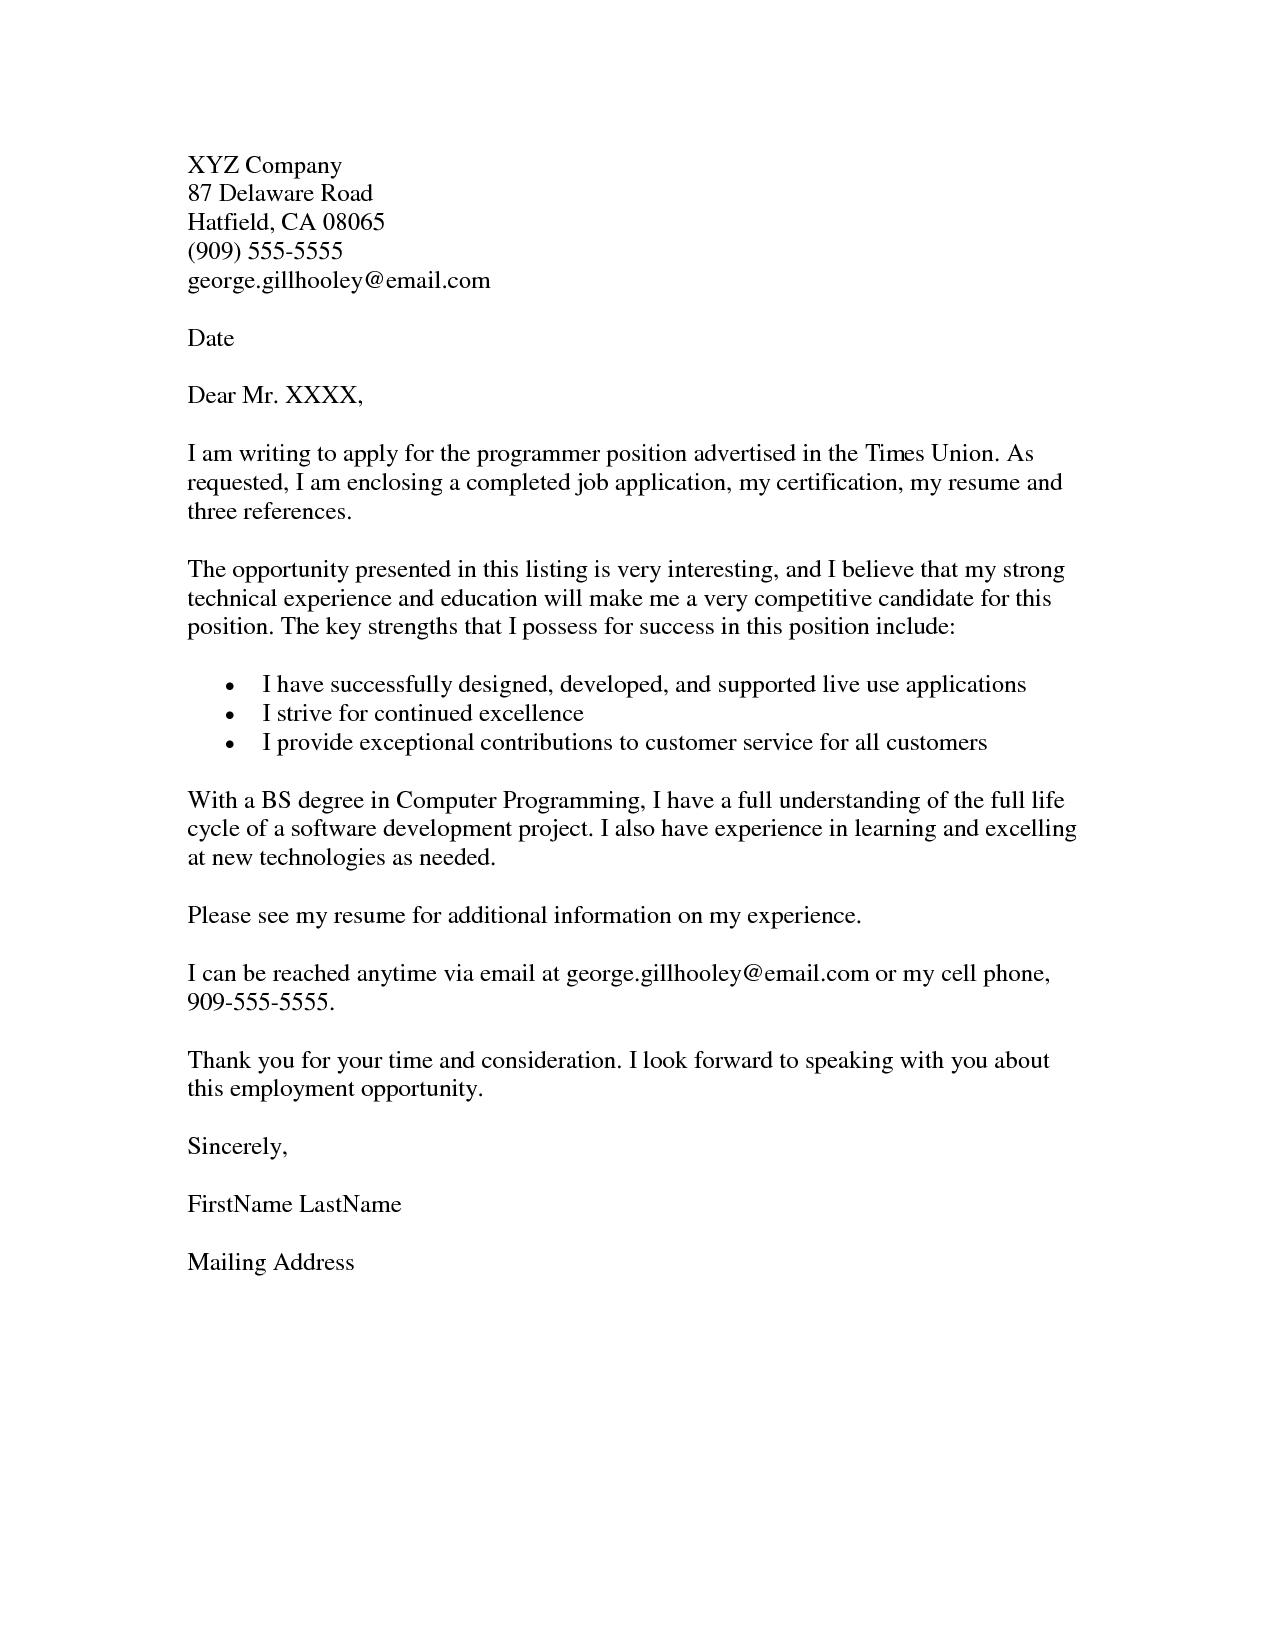 job application letter draft